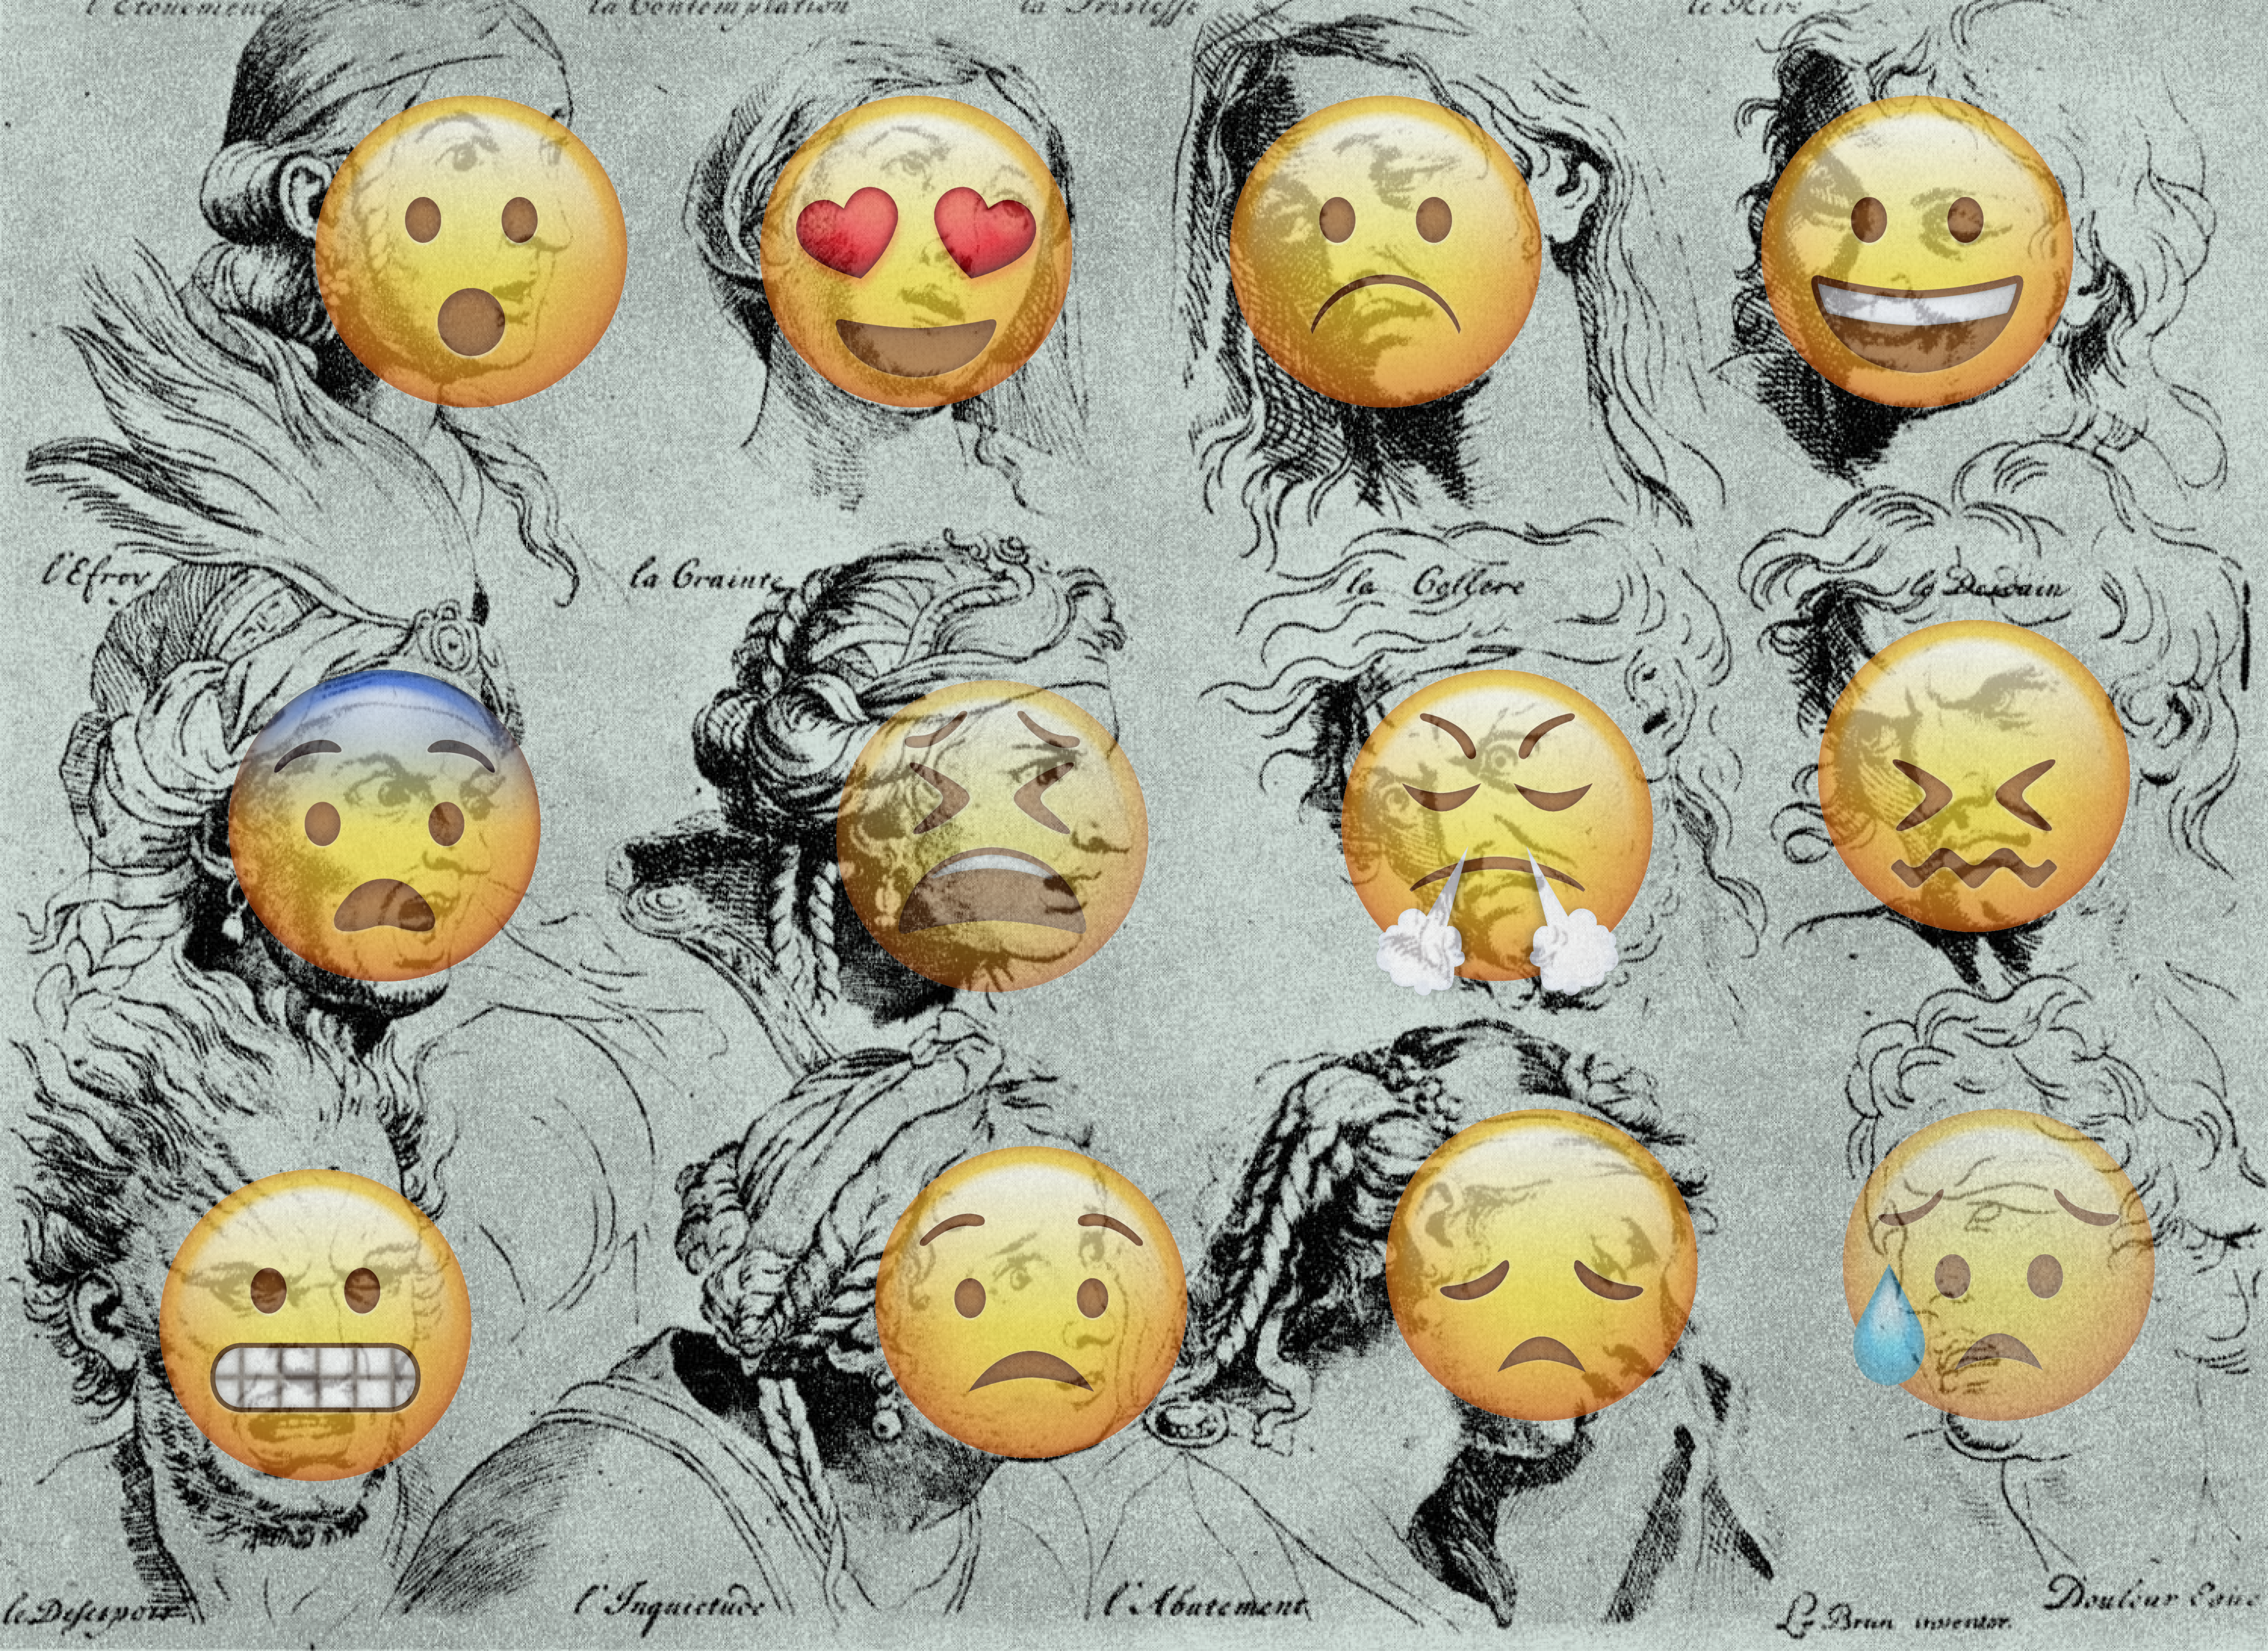 Les émotions de Georges LeBrtun avec des émoticons